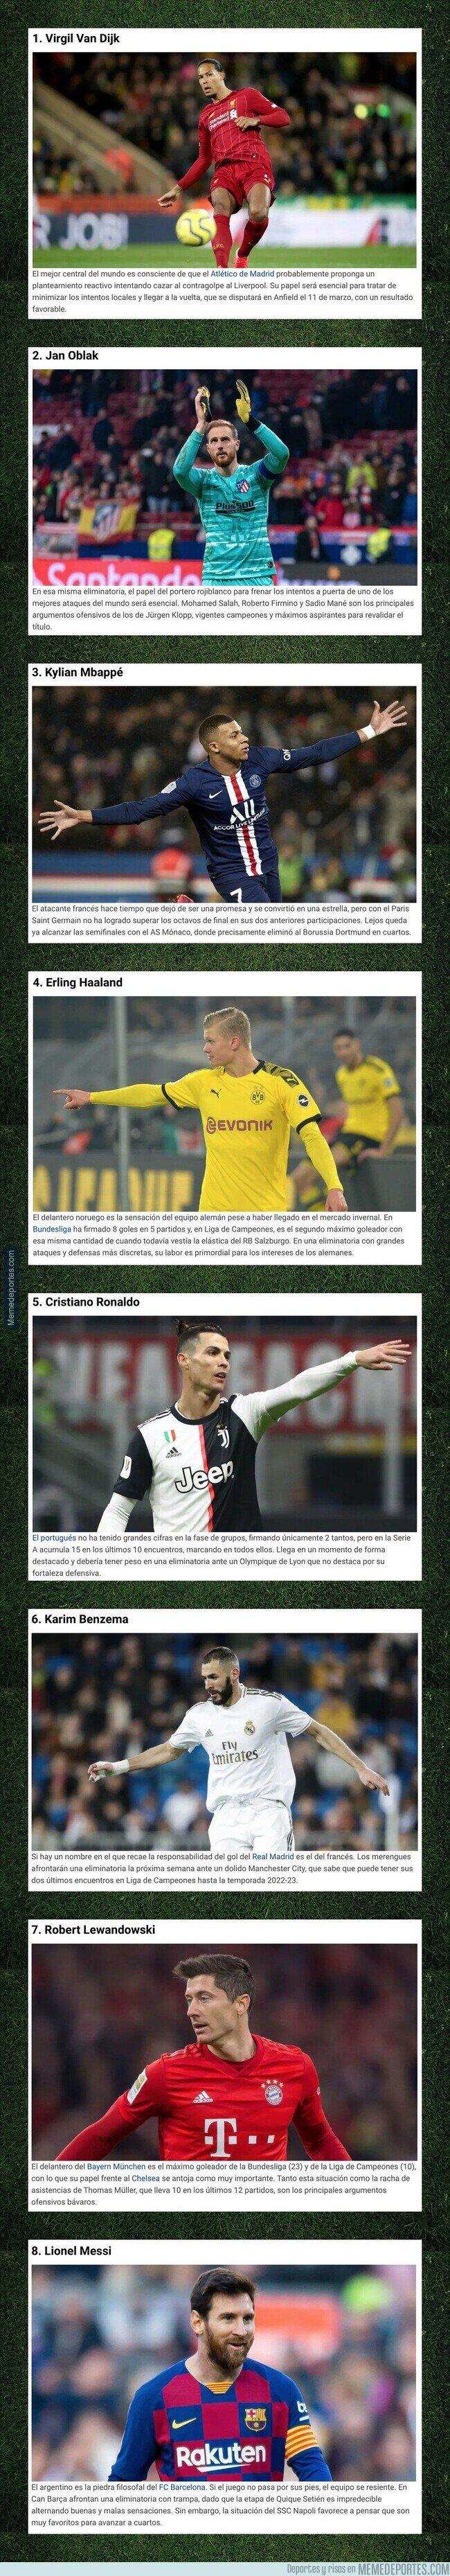 1098668 - 9 futbolistas que serán decisivos en los octavos de final de la Champions League